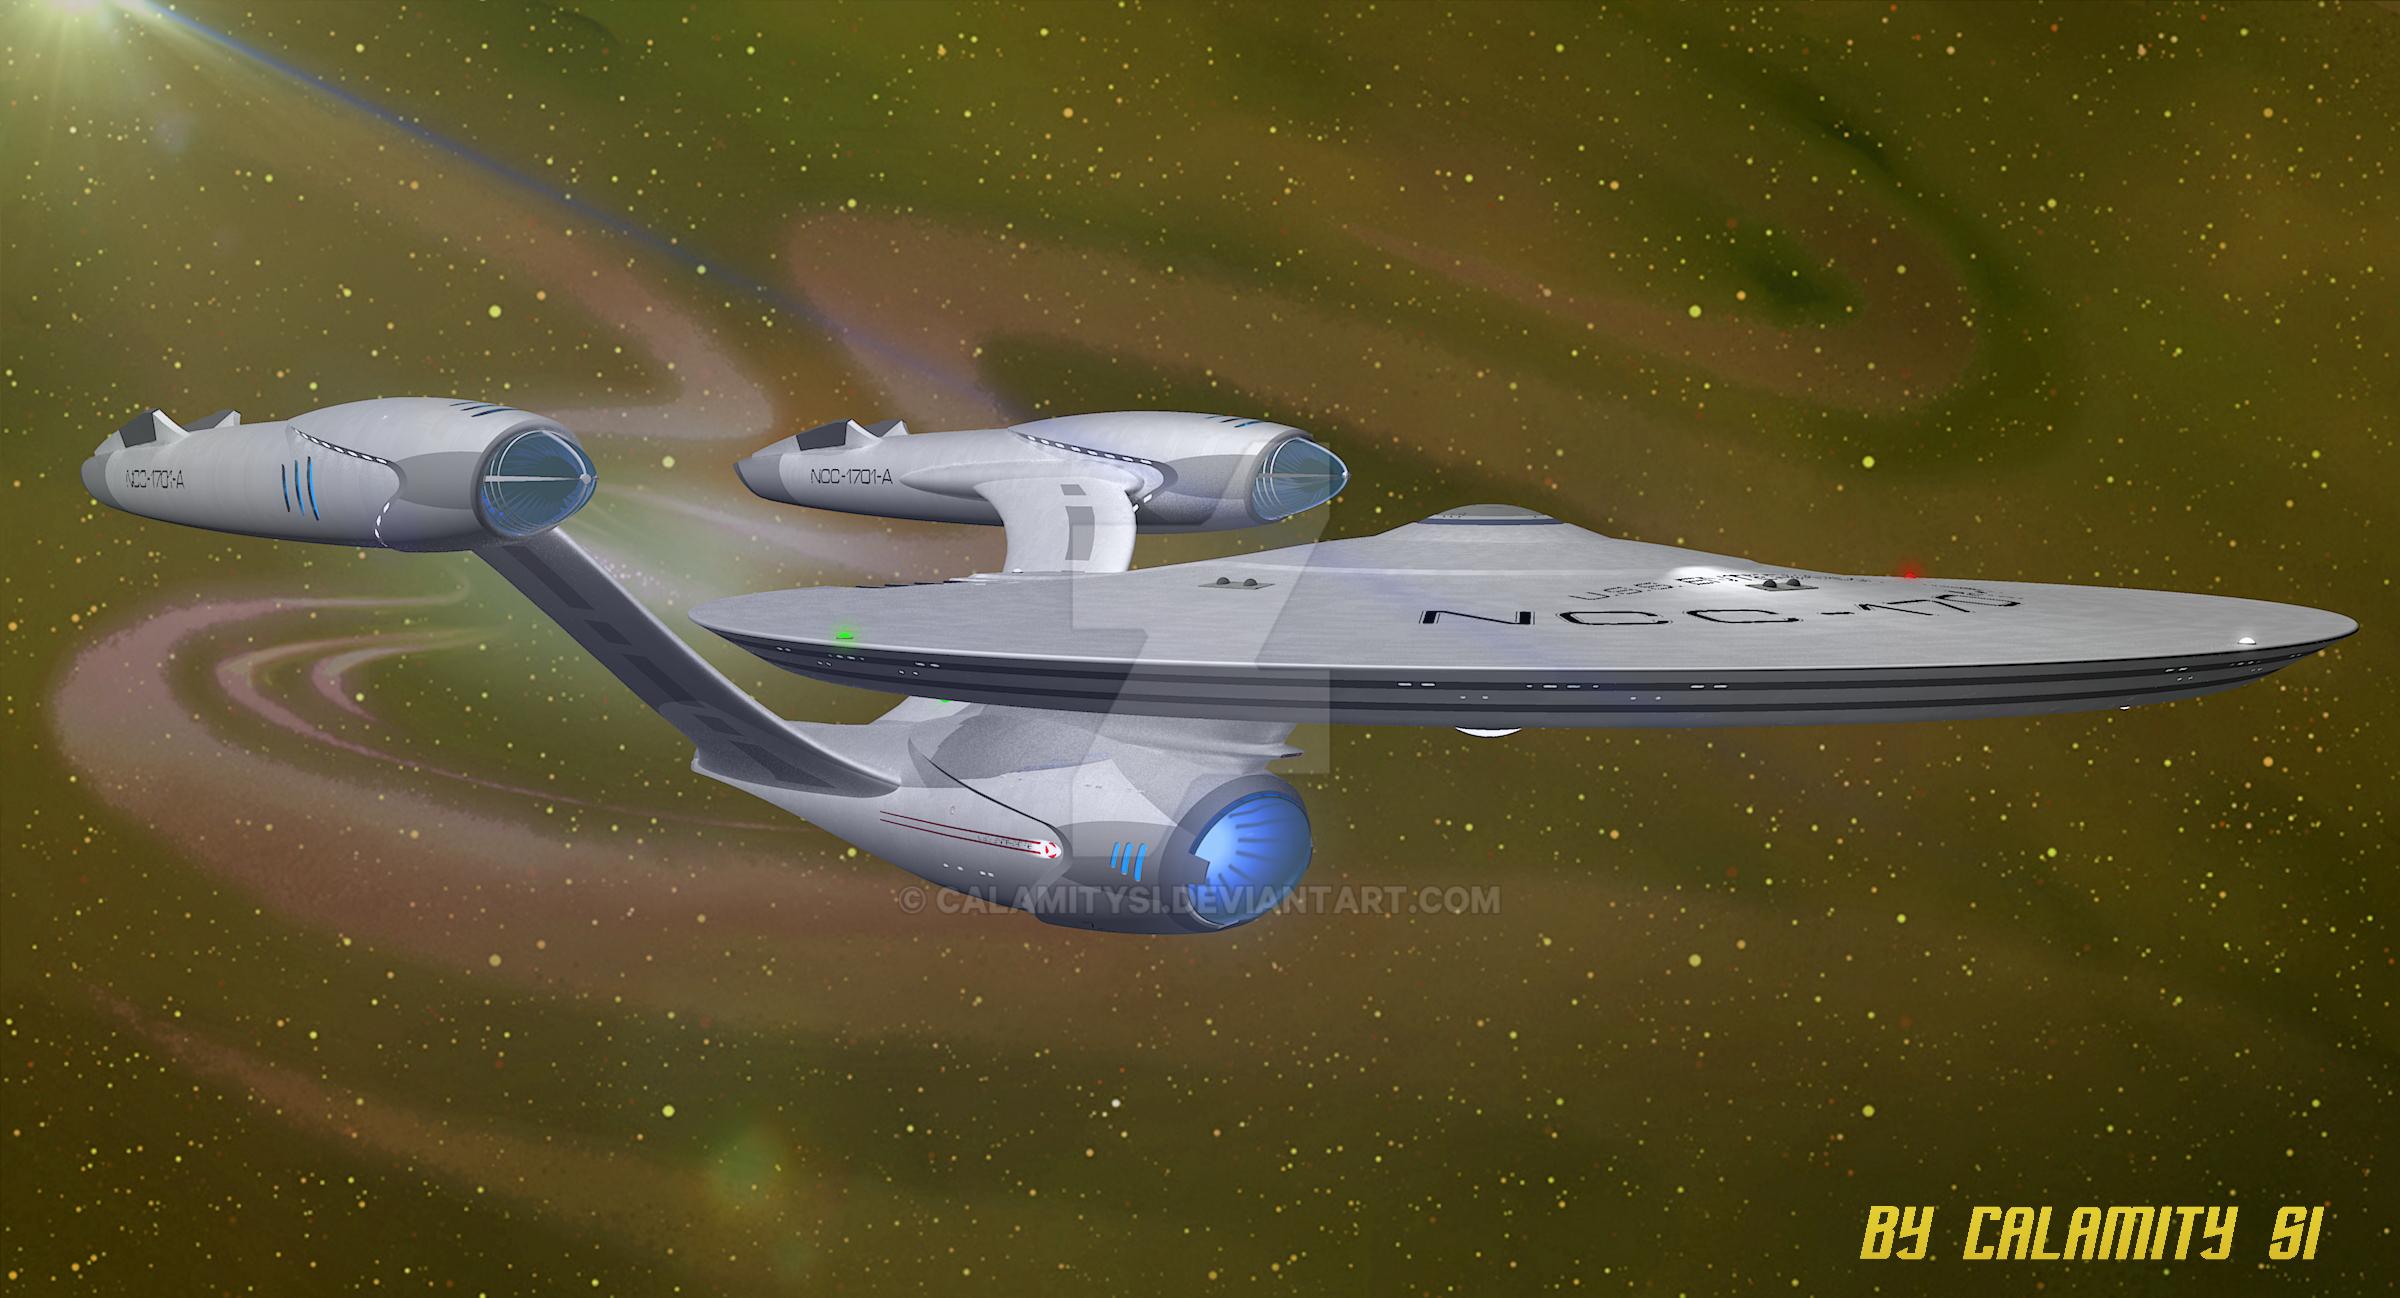 reimagined uss enterprise ncc - photo #1